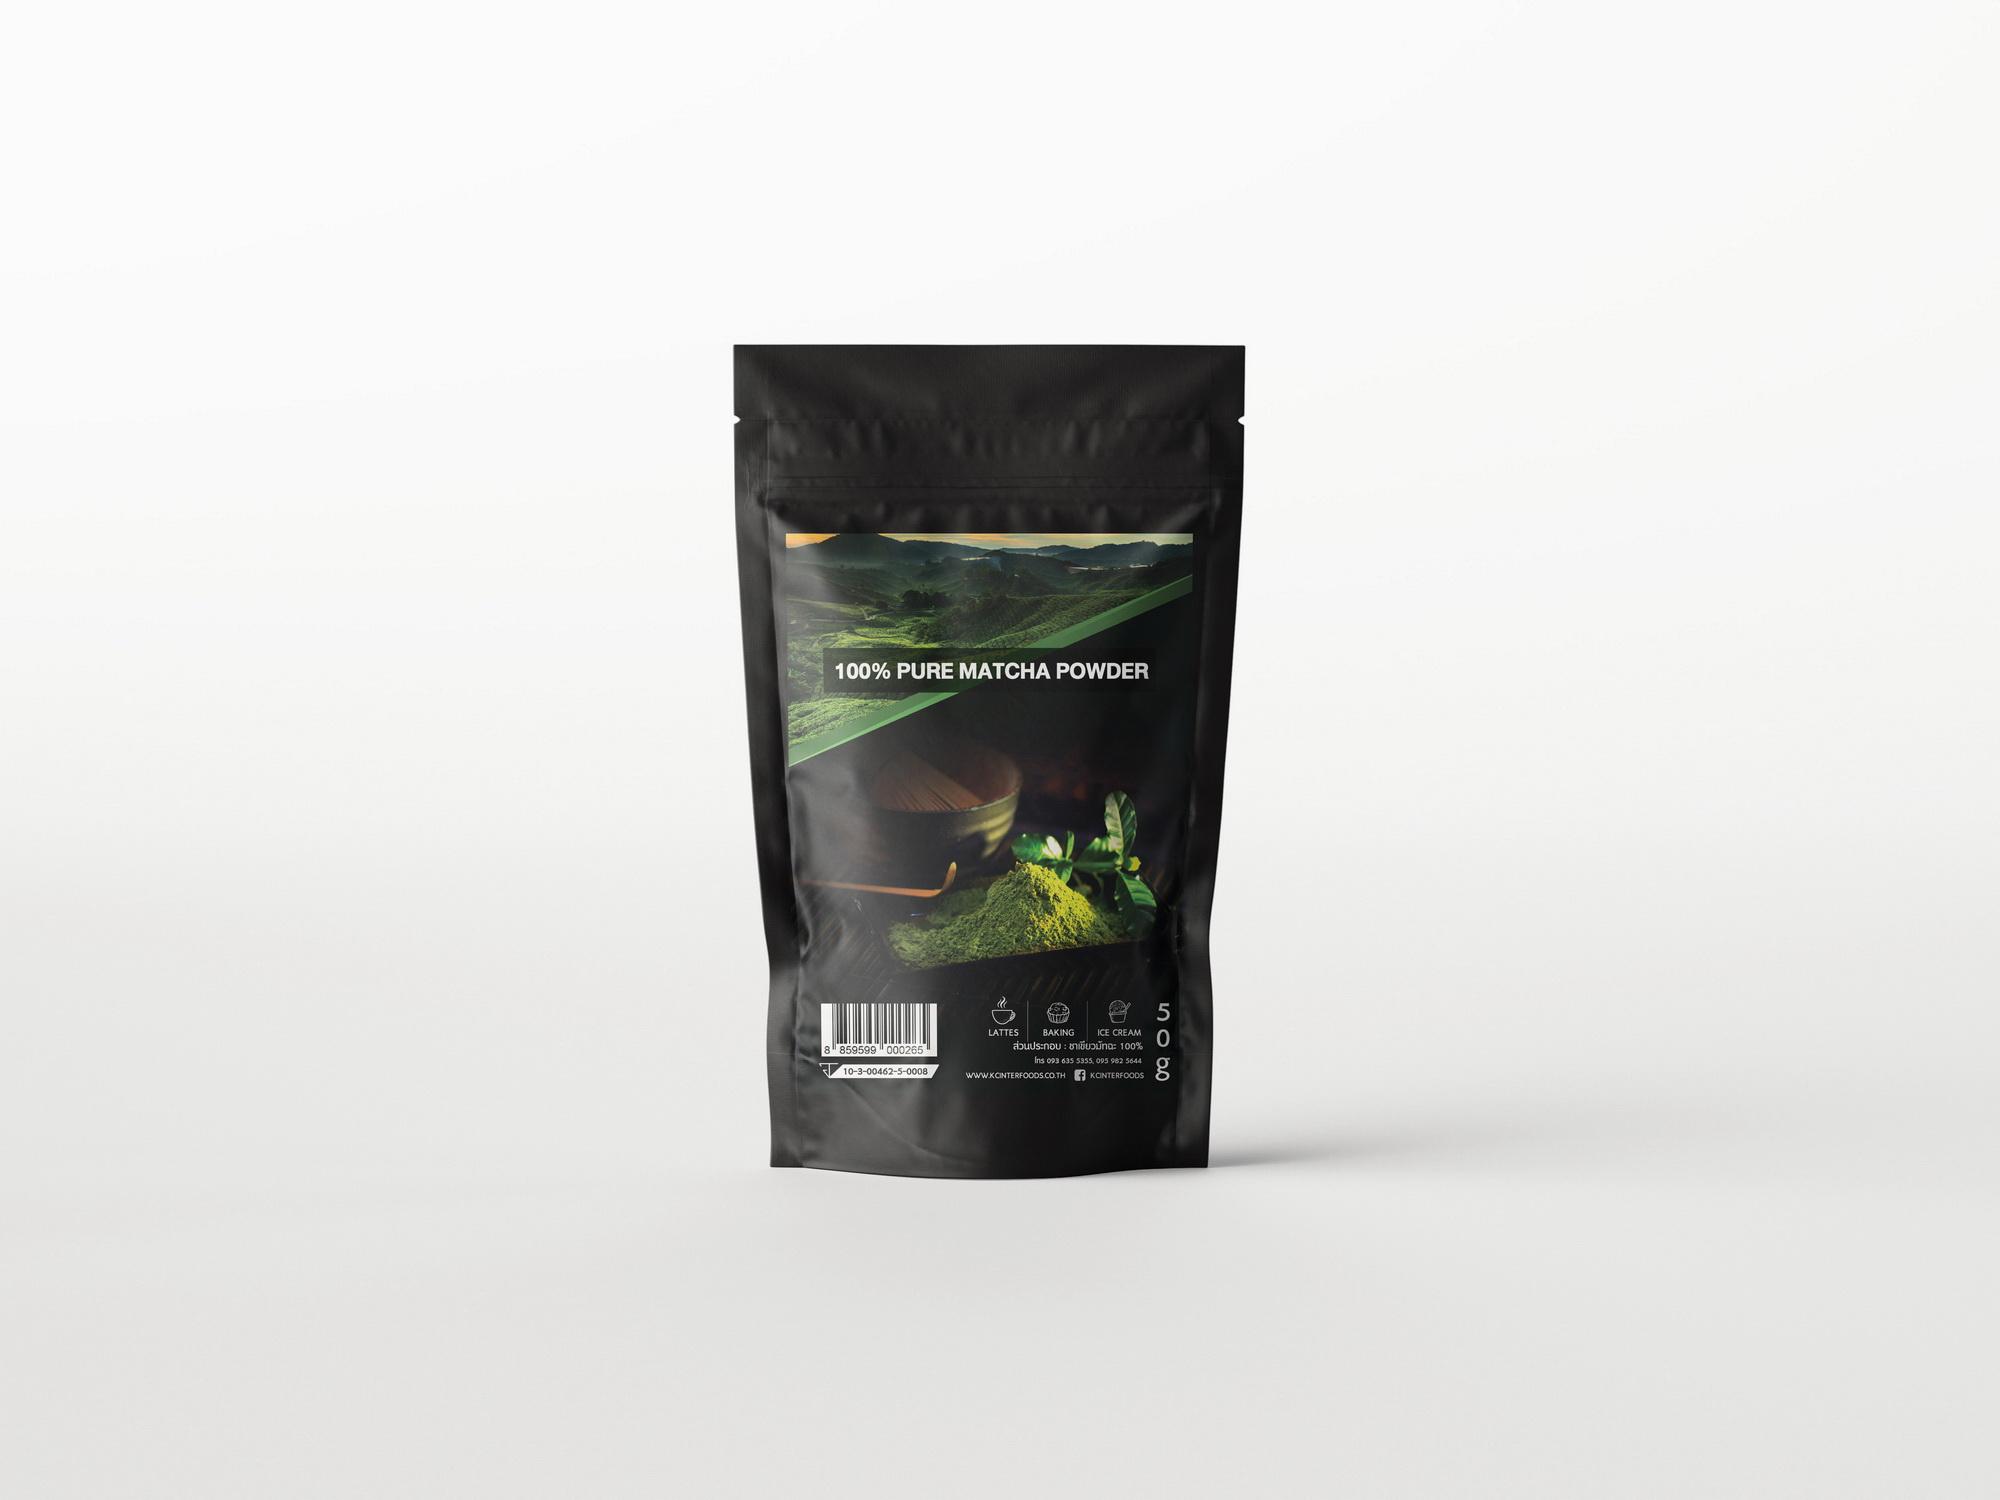 ผงชาเขียวมัทฉะ 100% สูตรพรีเมี่ยมโกลด์